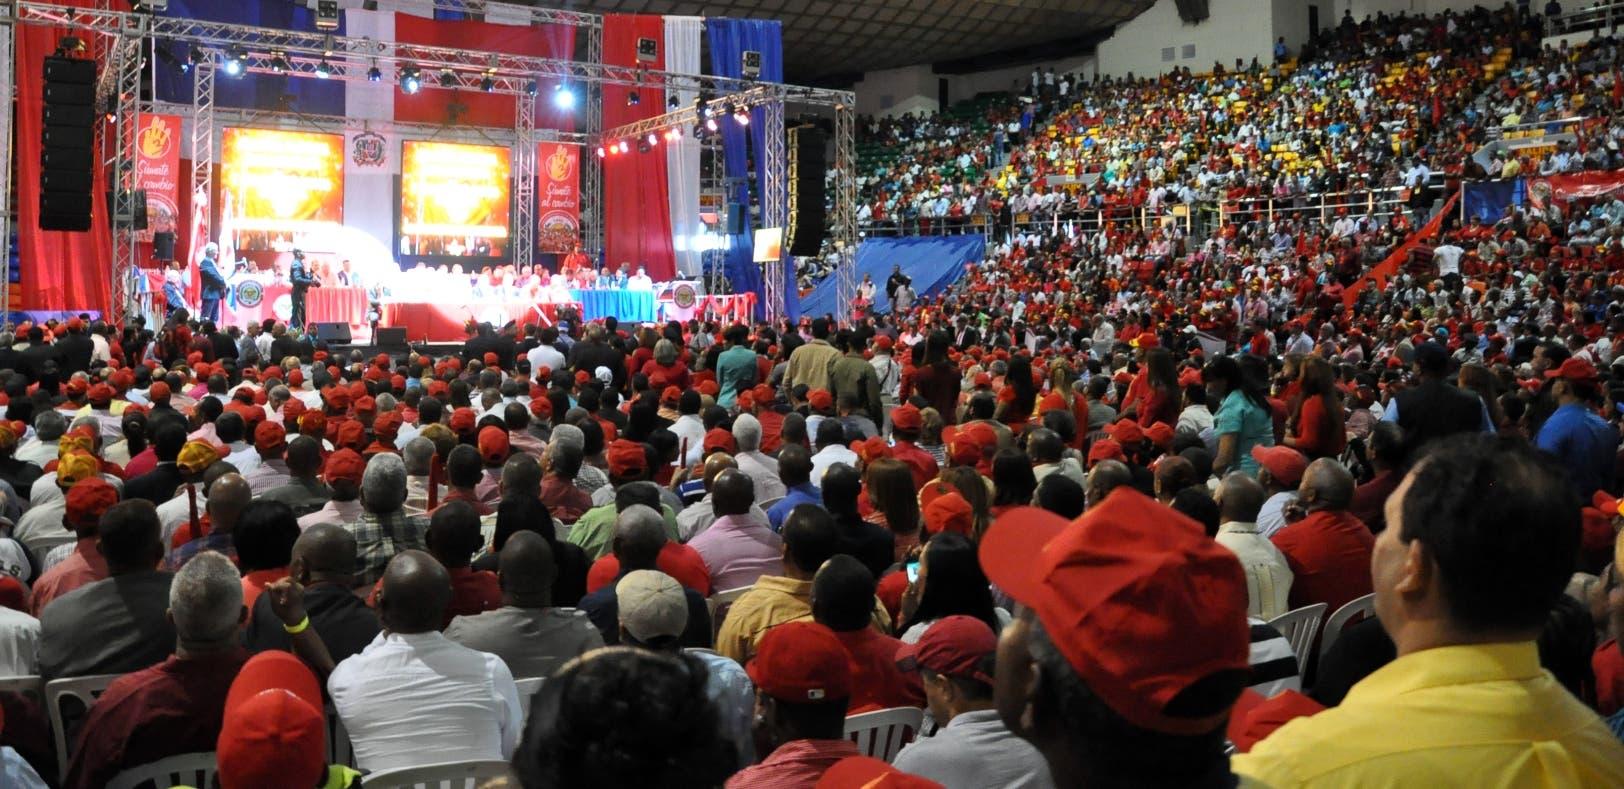 Tribunal Electoral anula Comisión de disciplina y reforma estatutos PRSC